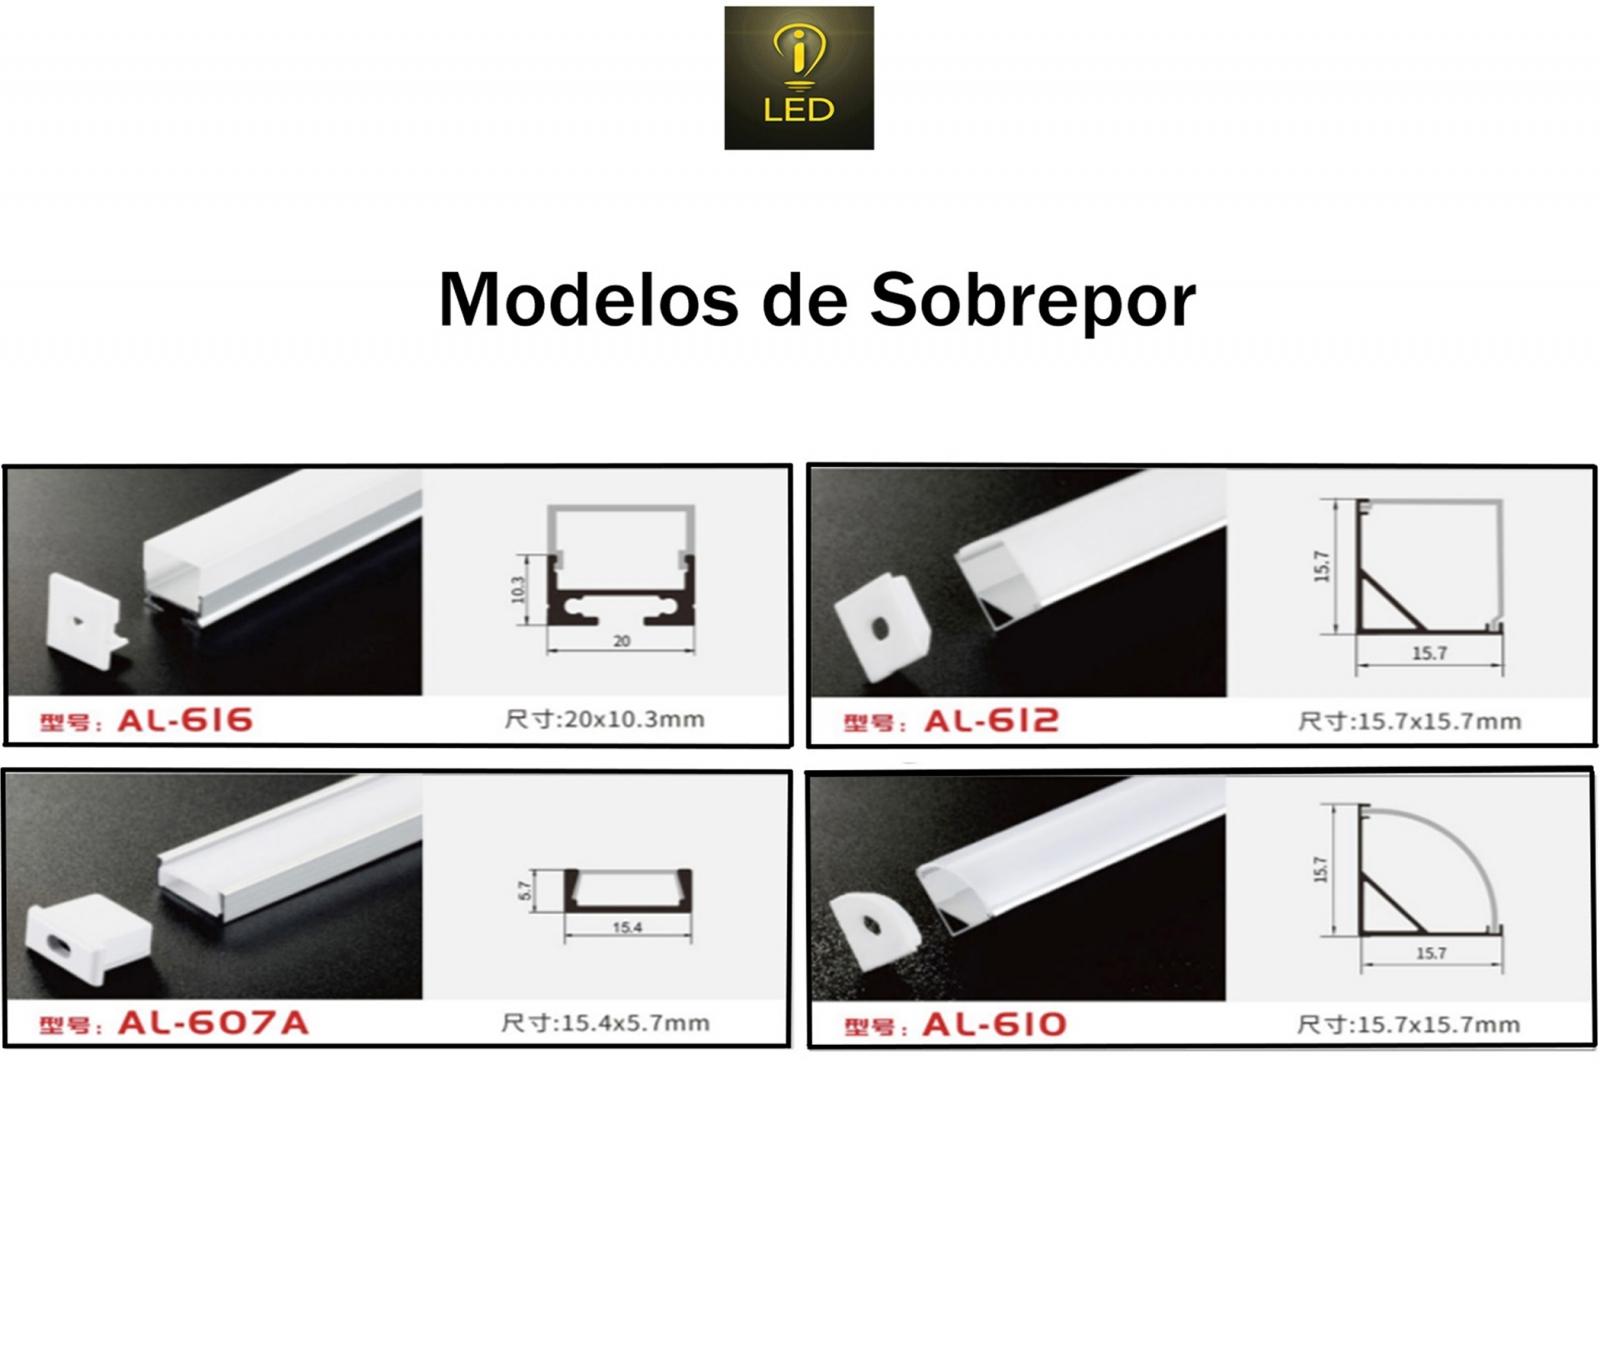 PERFIL SOBREPOR CANTO QUADRADO 15.7MM ALUMÍNIO 1 METRO DIVERSAS CORES AL-612 - i9 LED